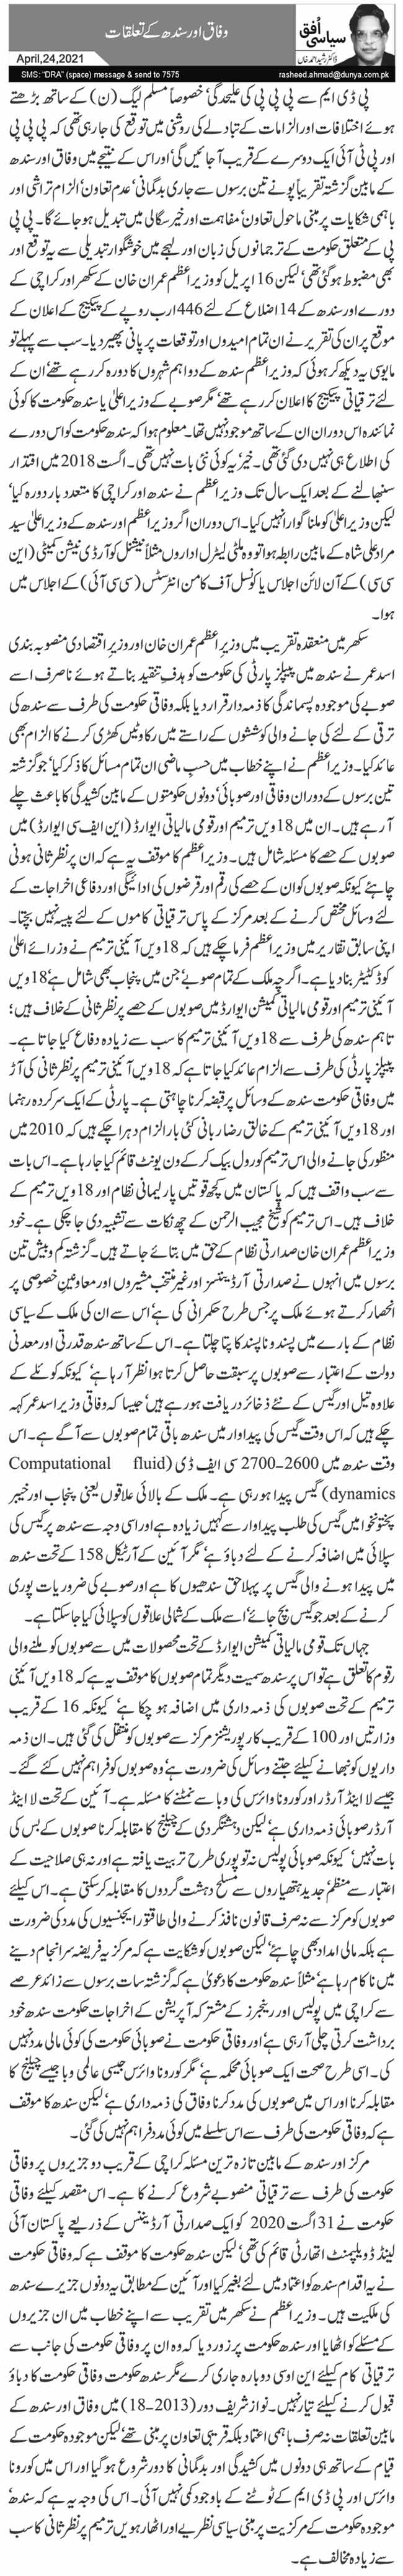 وفاق اور سندھ کے تعلقات